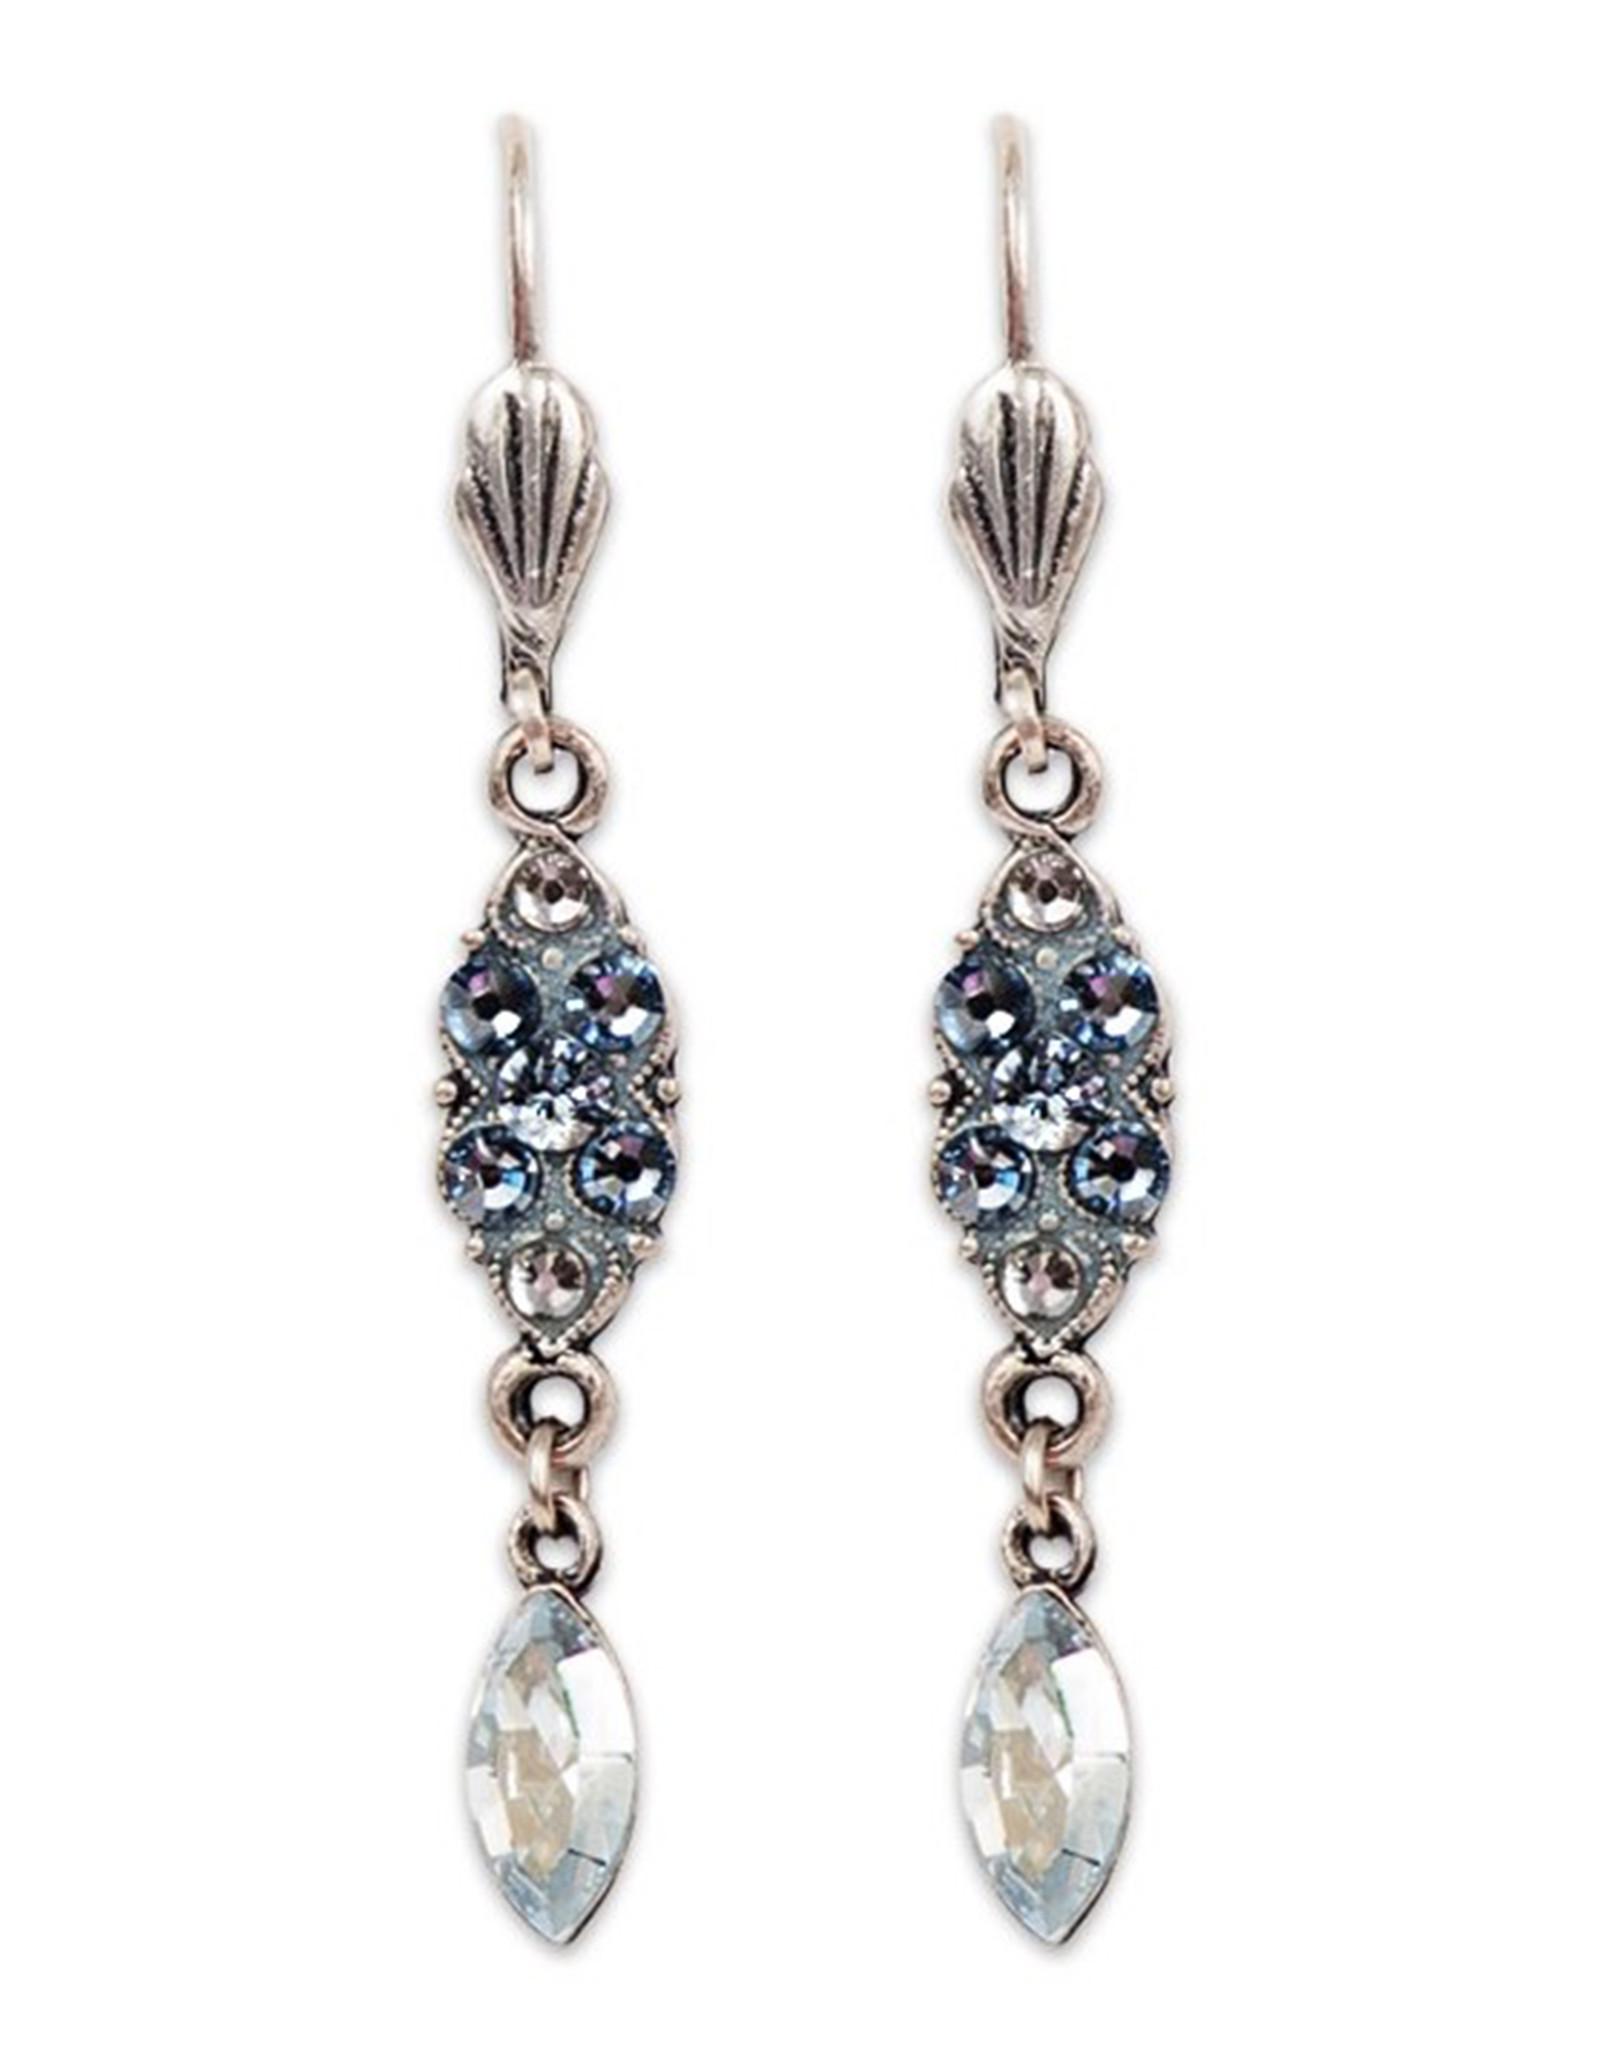 ANNE KOPLIK DESIGNS BLUE SHADES OF WINTER EARRINGS